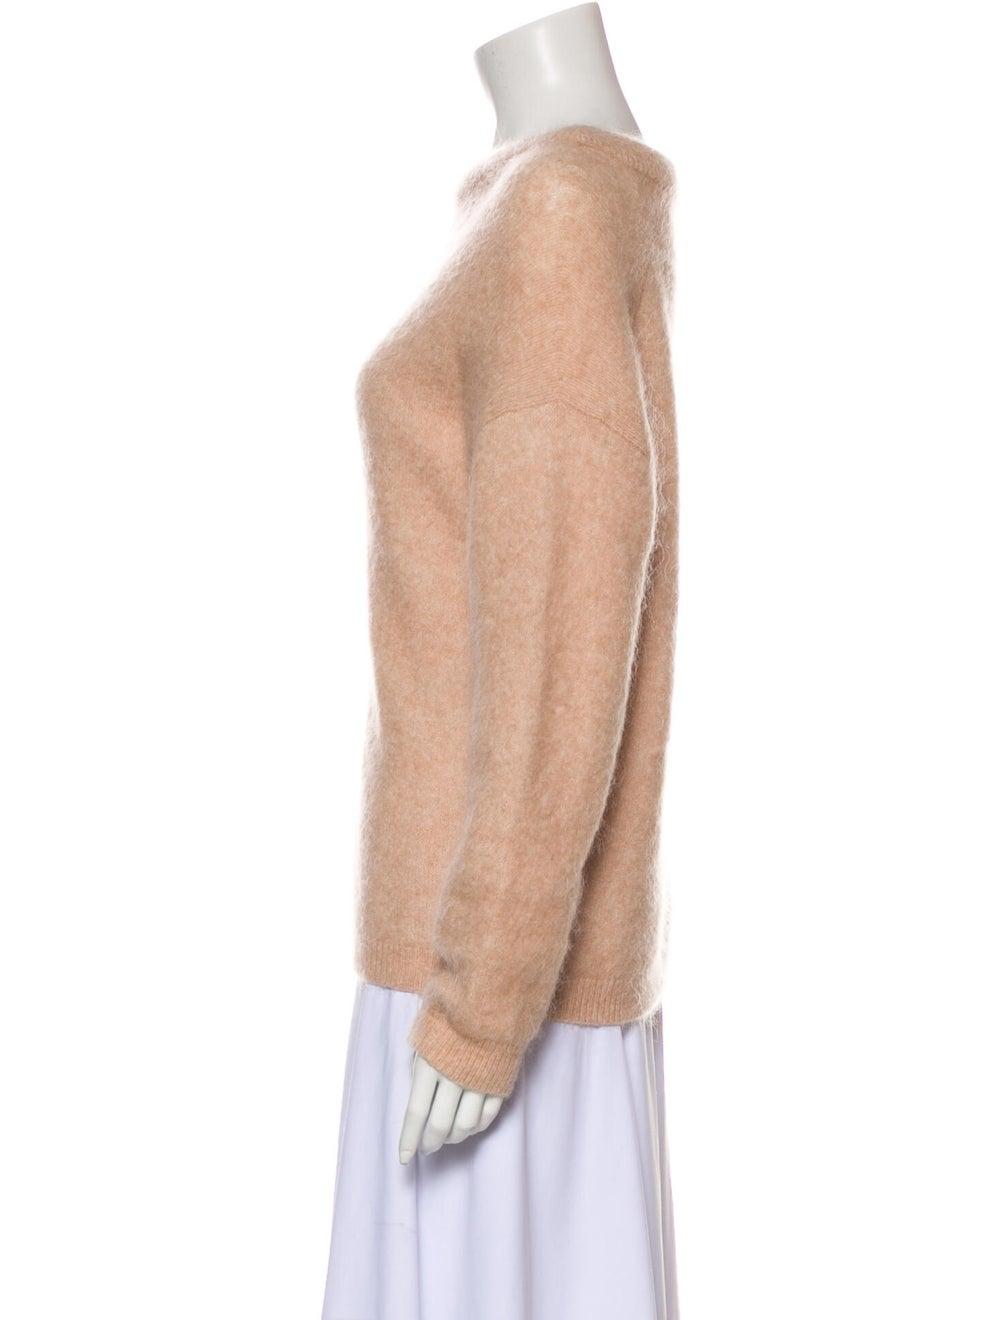 Acne Studios Bateau Neckline Sweater - image 2